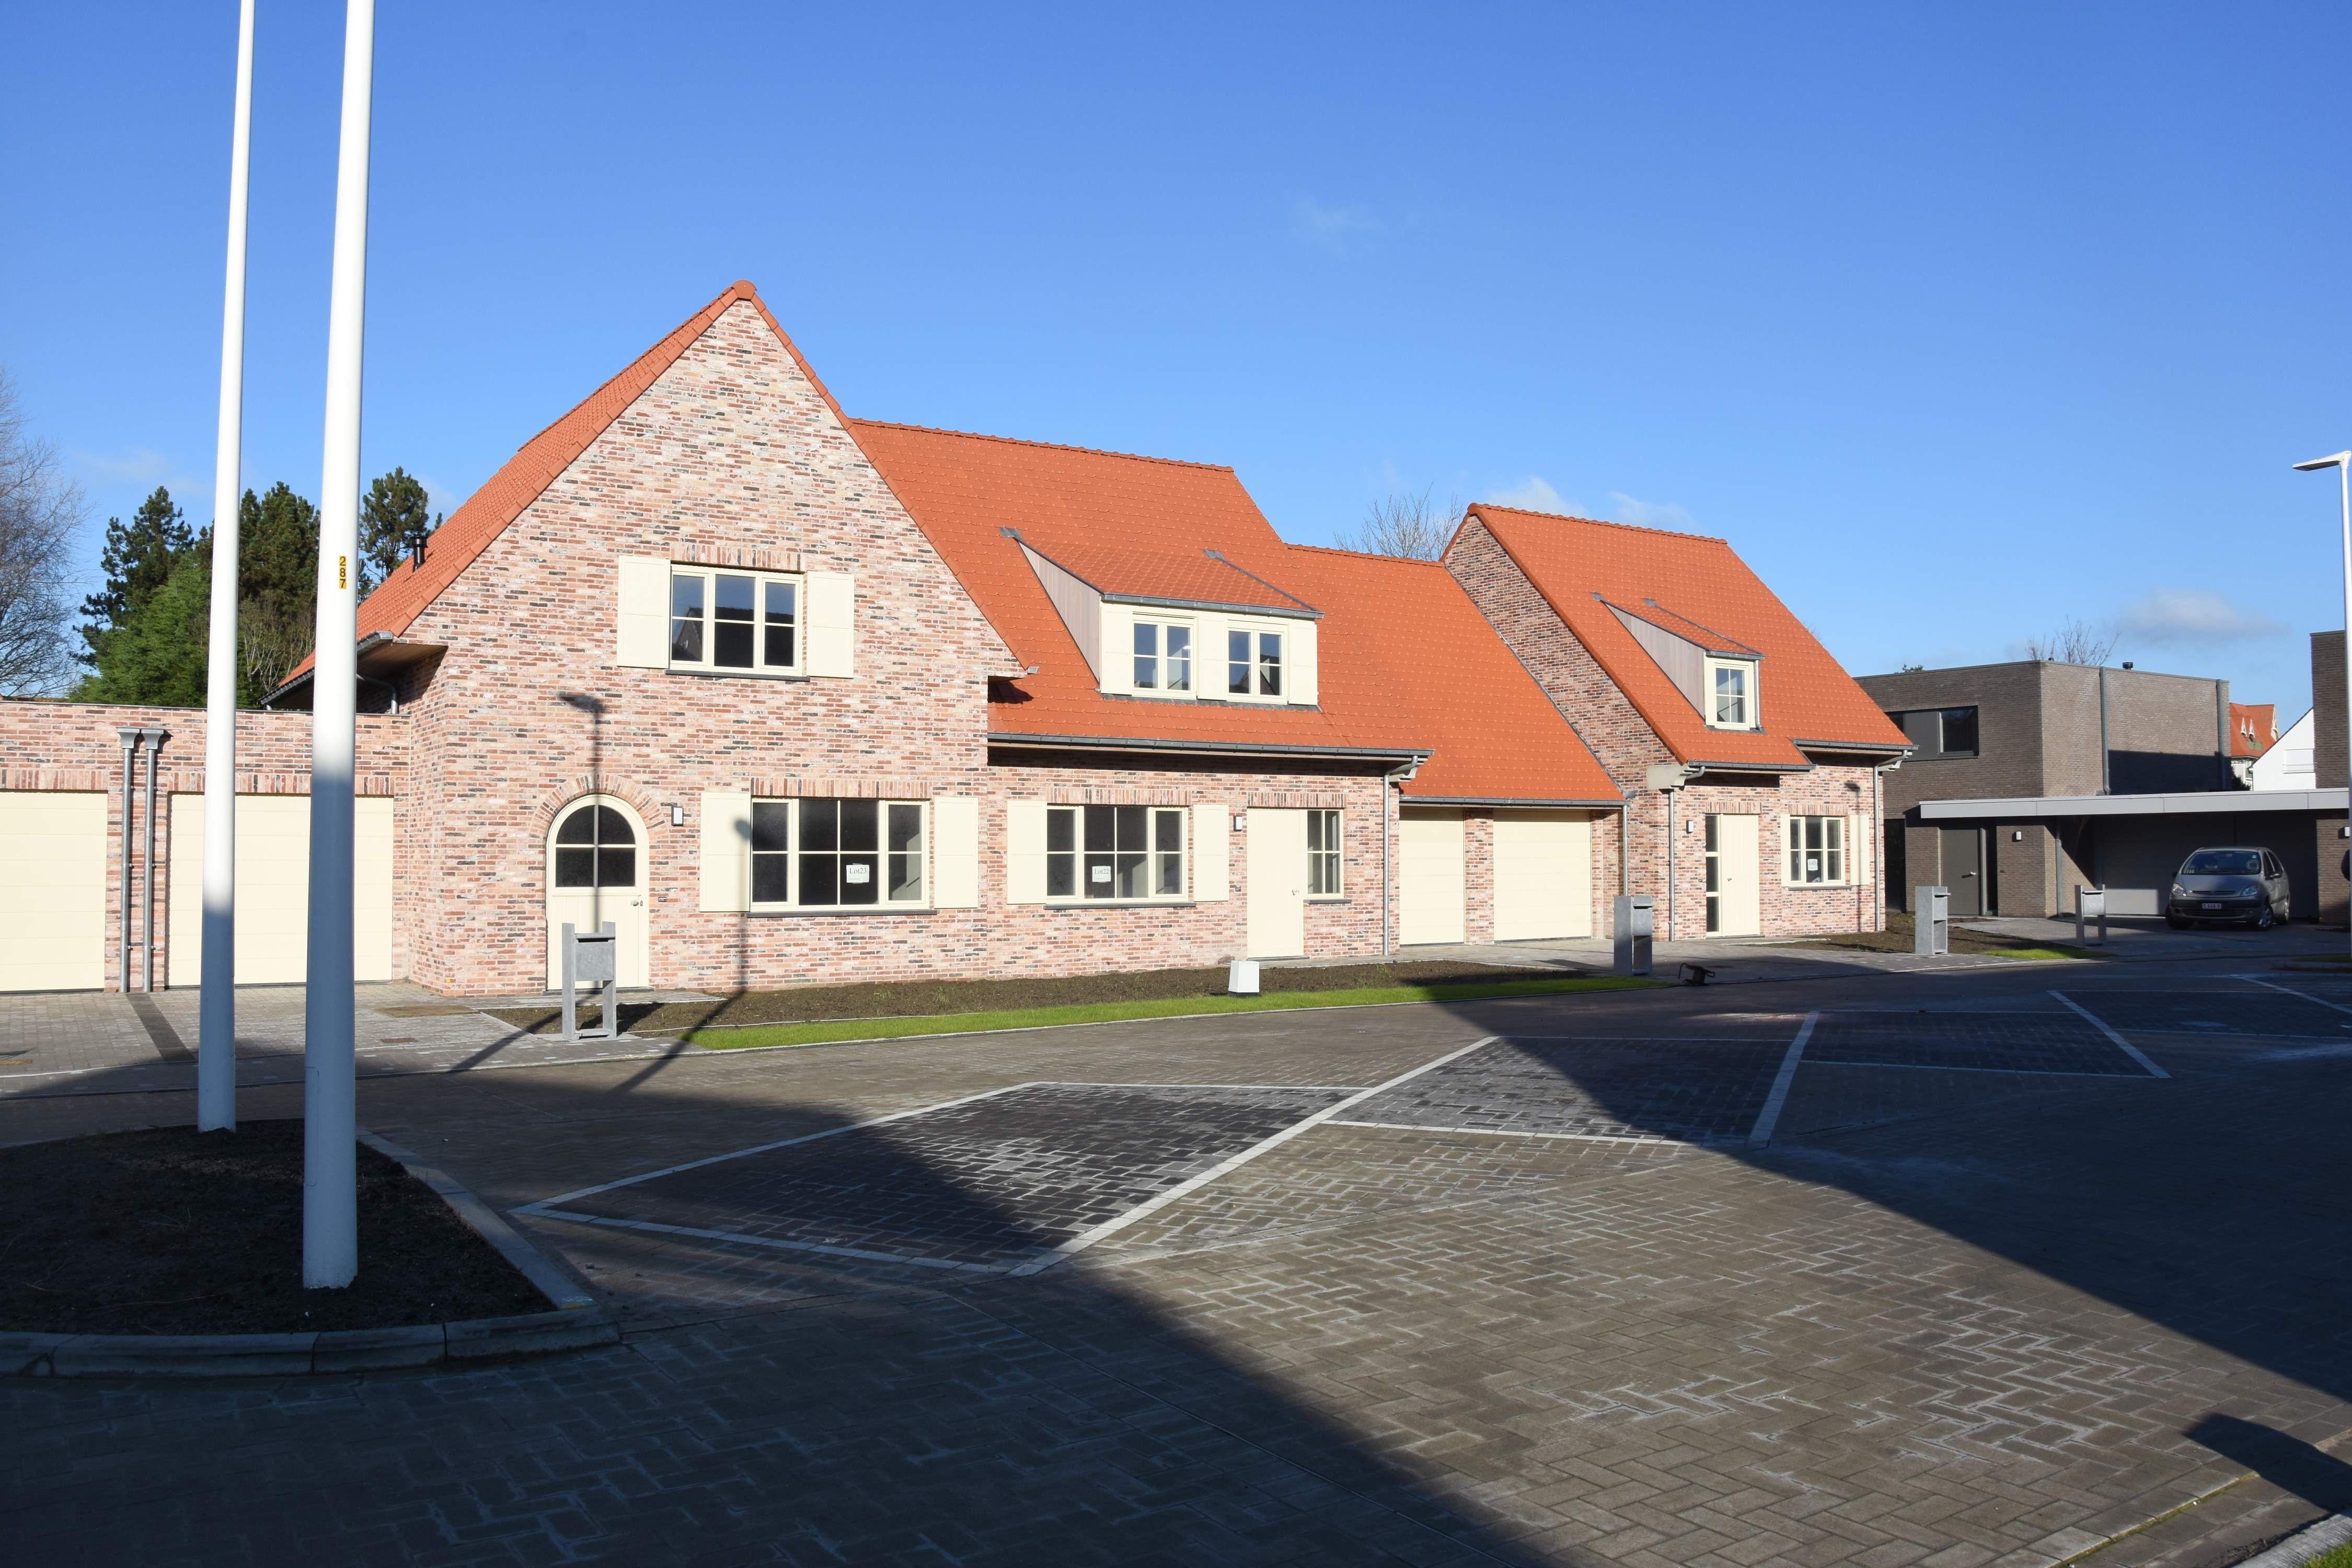 Nieuwbouwvilla's in de Simli wijk van Nieuwpoort - 6934